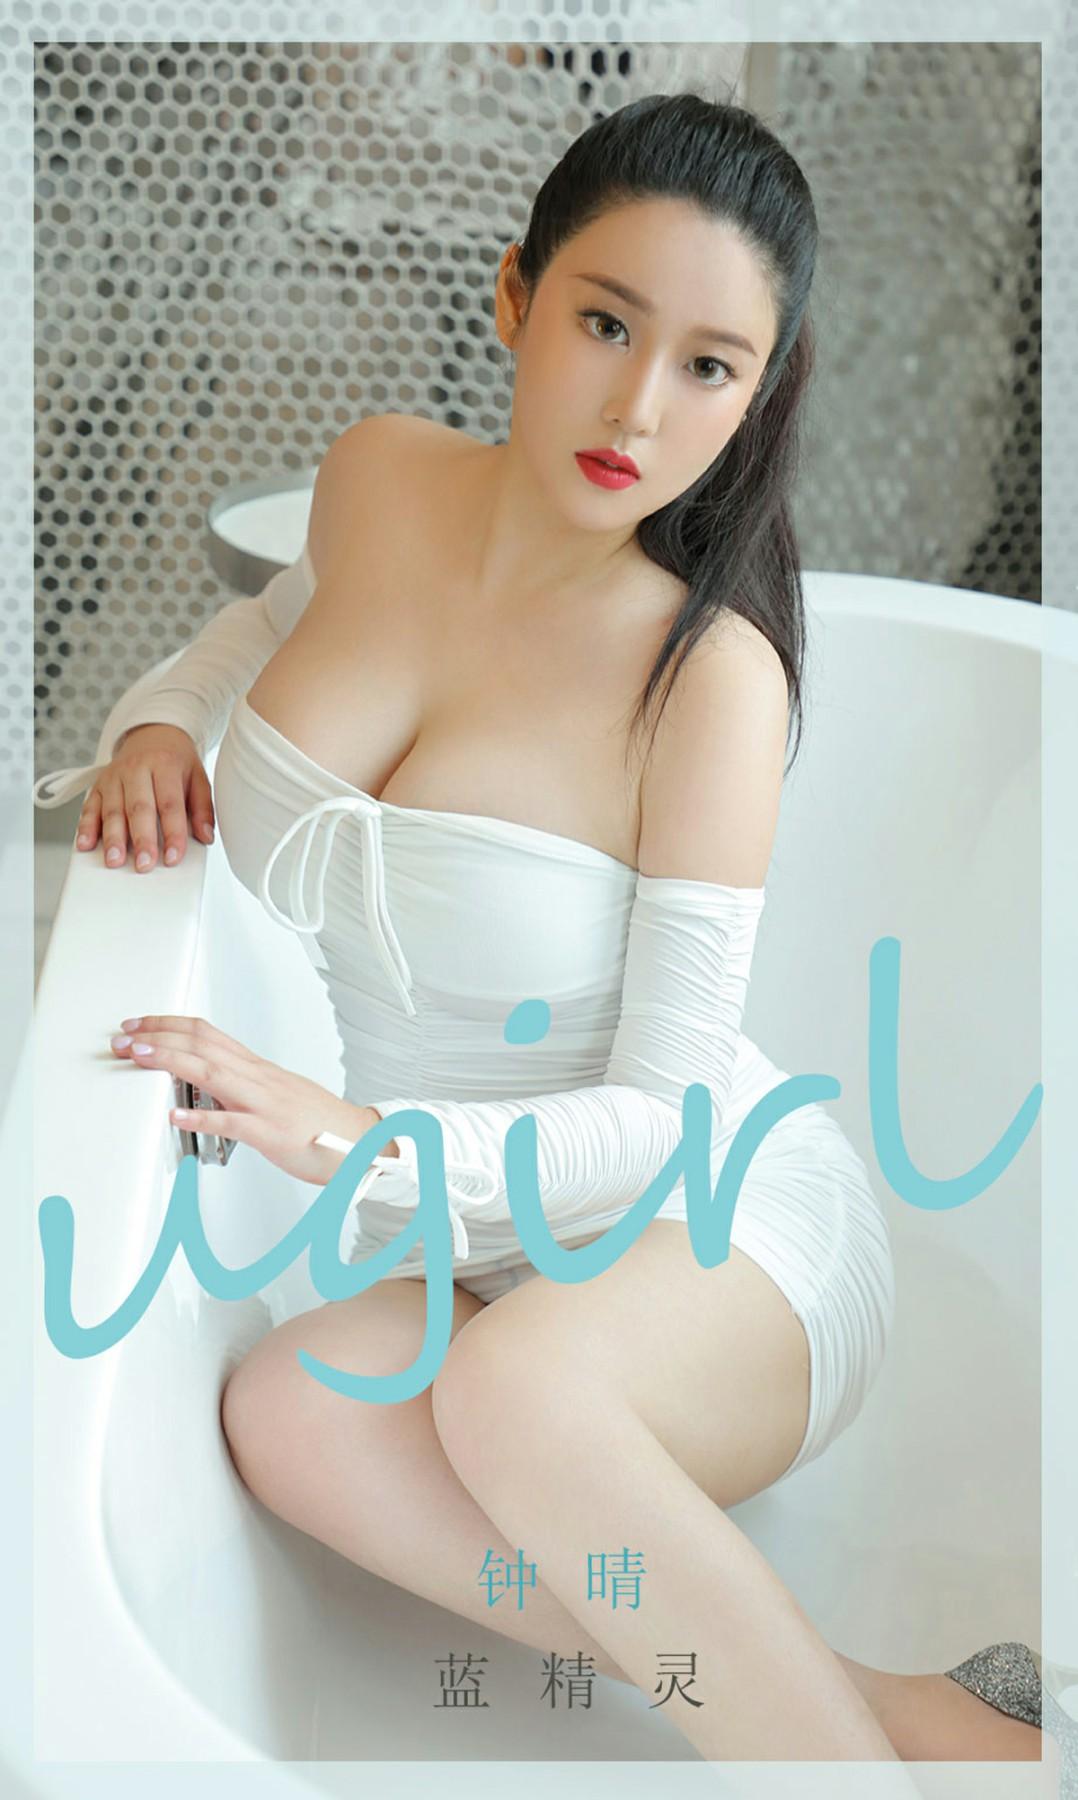 [Ugirls尤果网]爱尤物 2020.07.31 No.1877 钟晴 蓝精灵 第1张